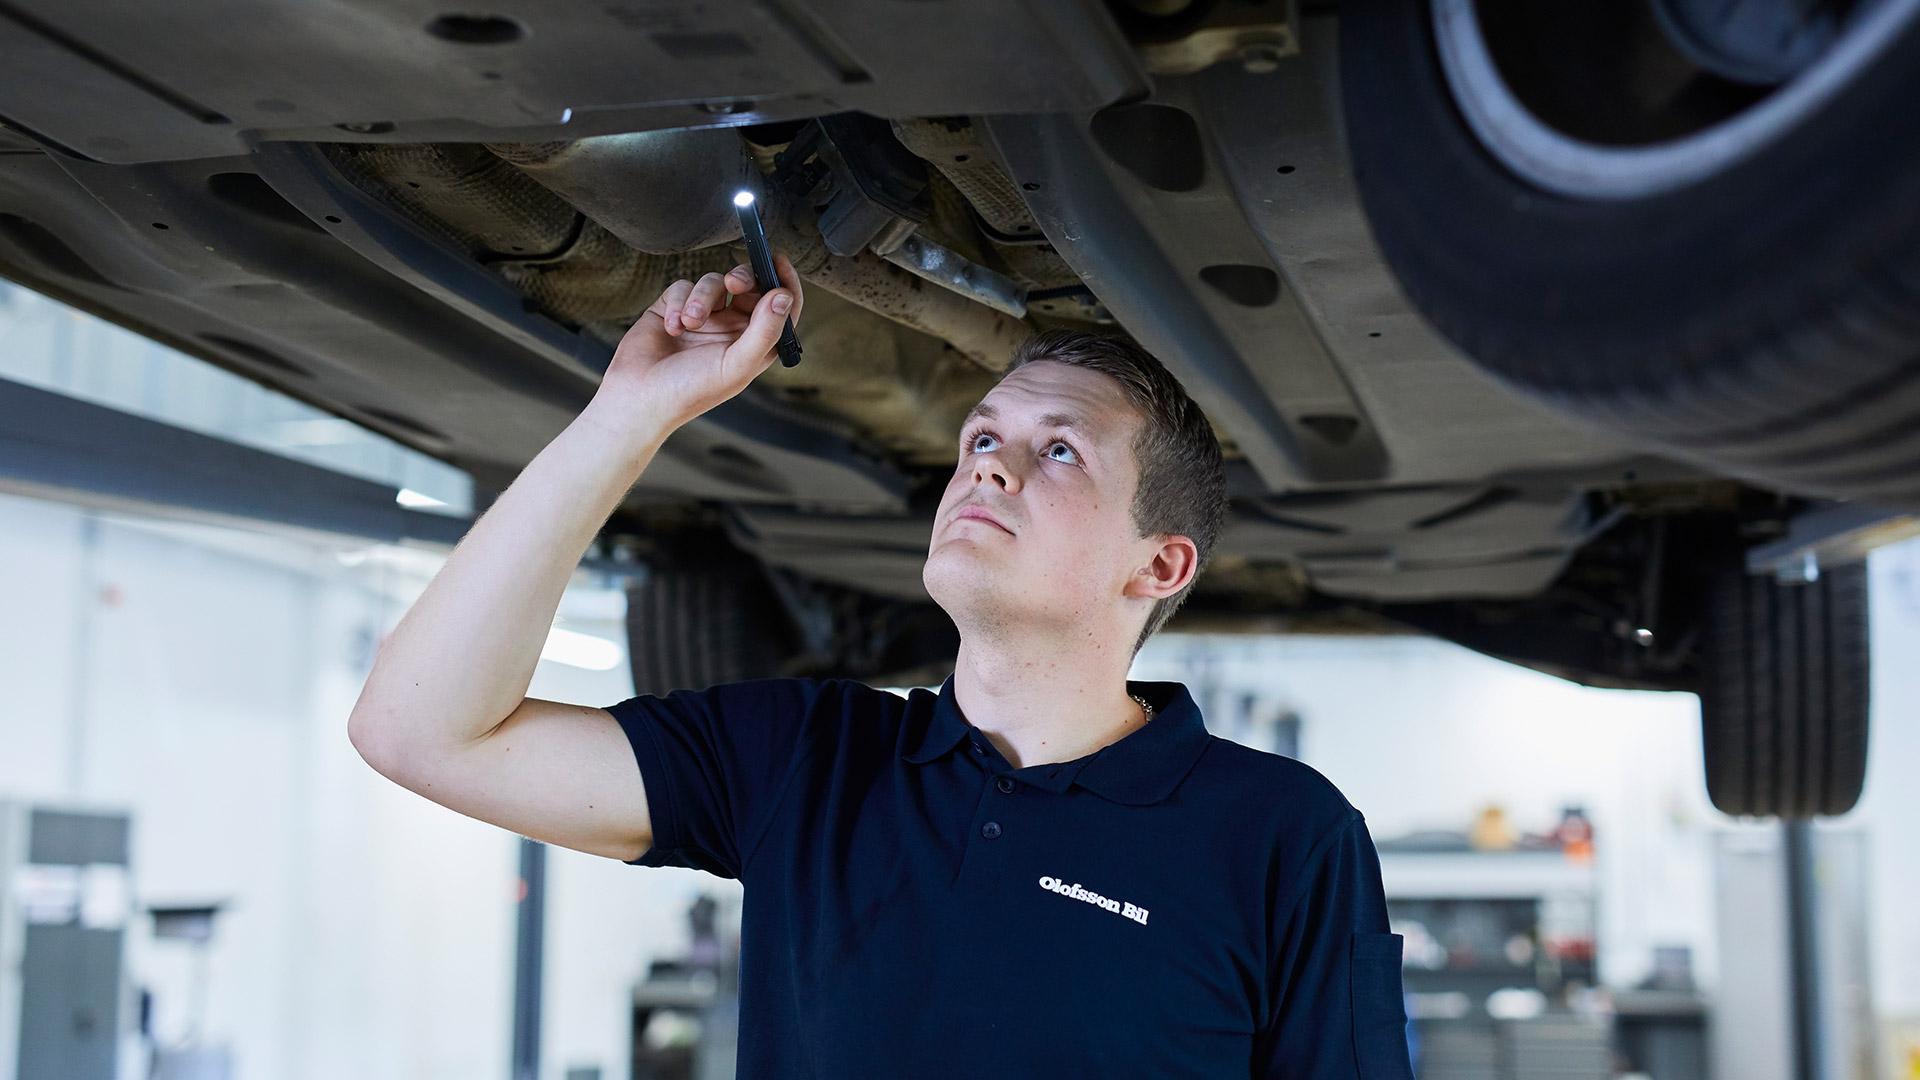 Enkelt att serva på vår auktoriserade Volkswagen verkstad